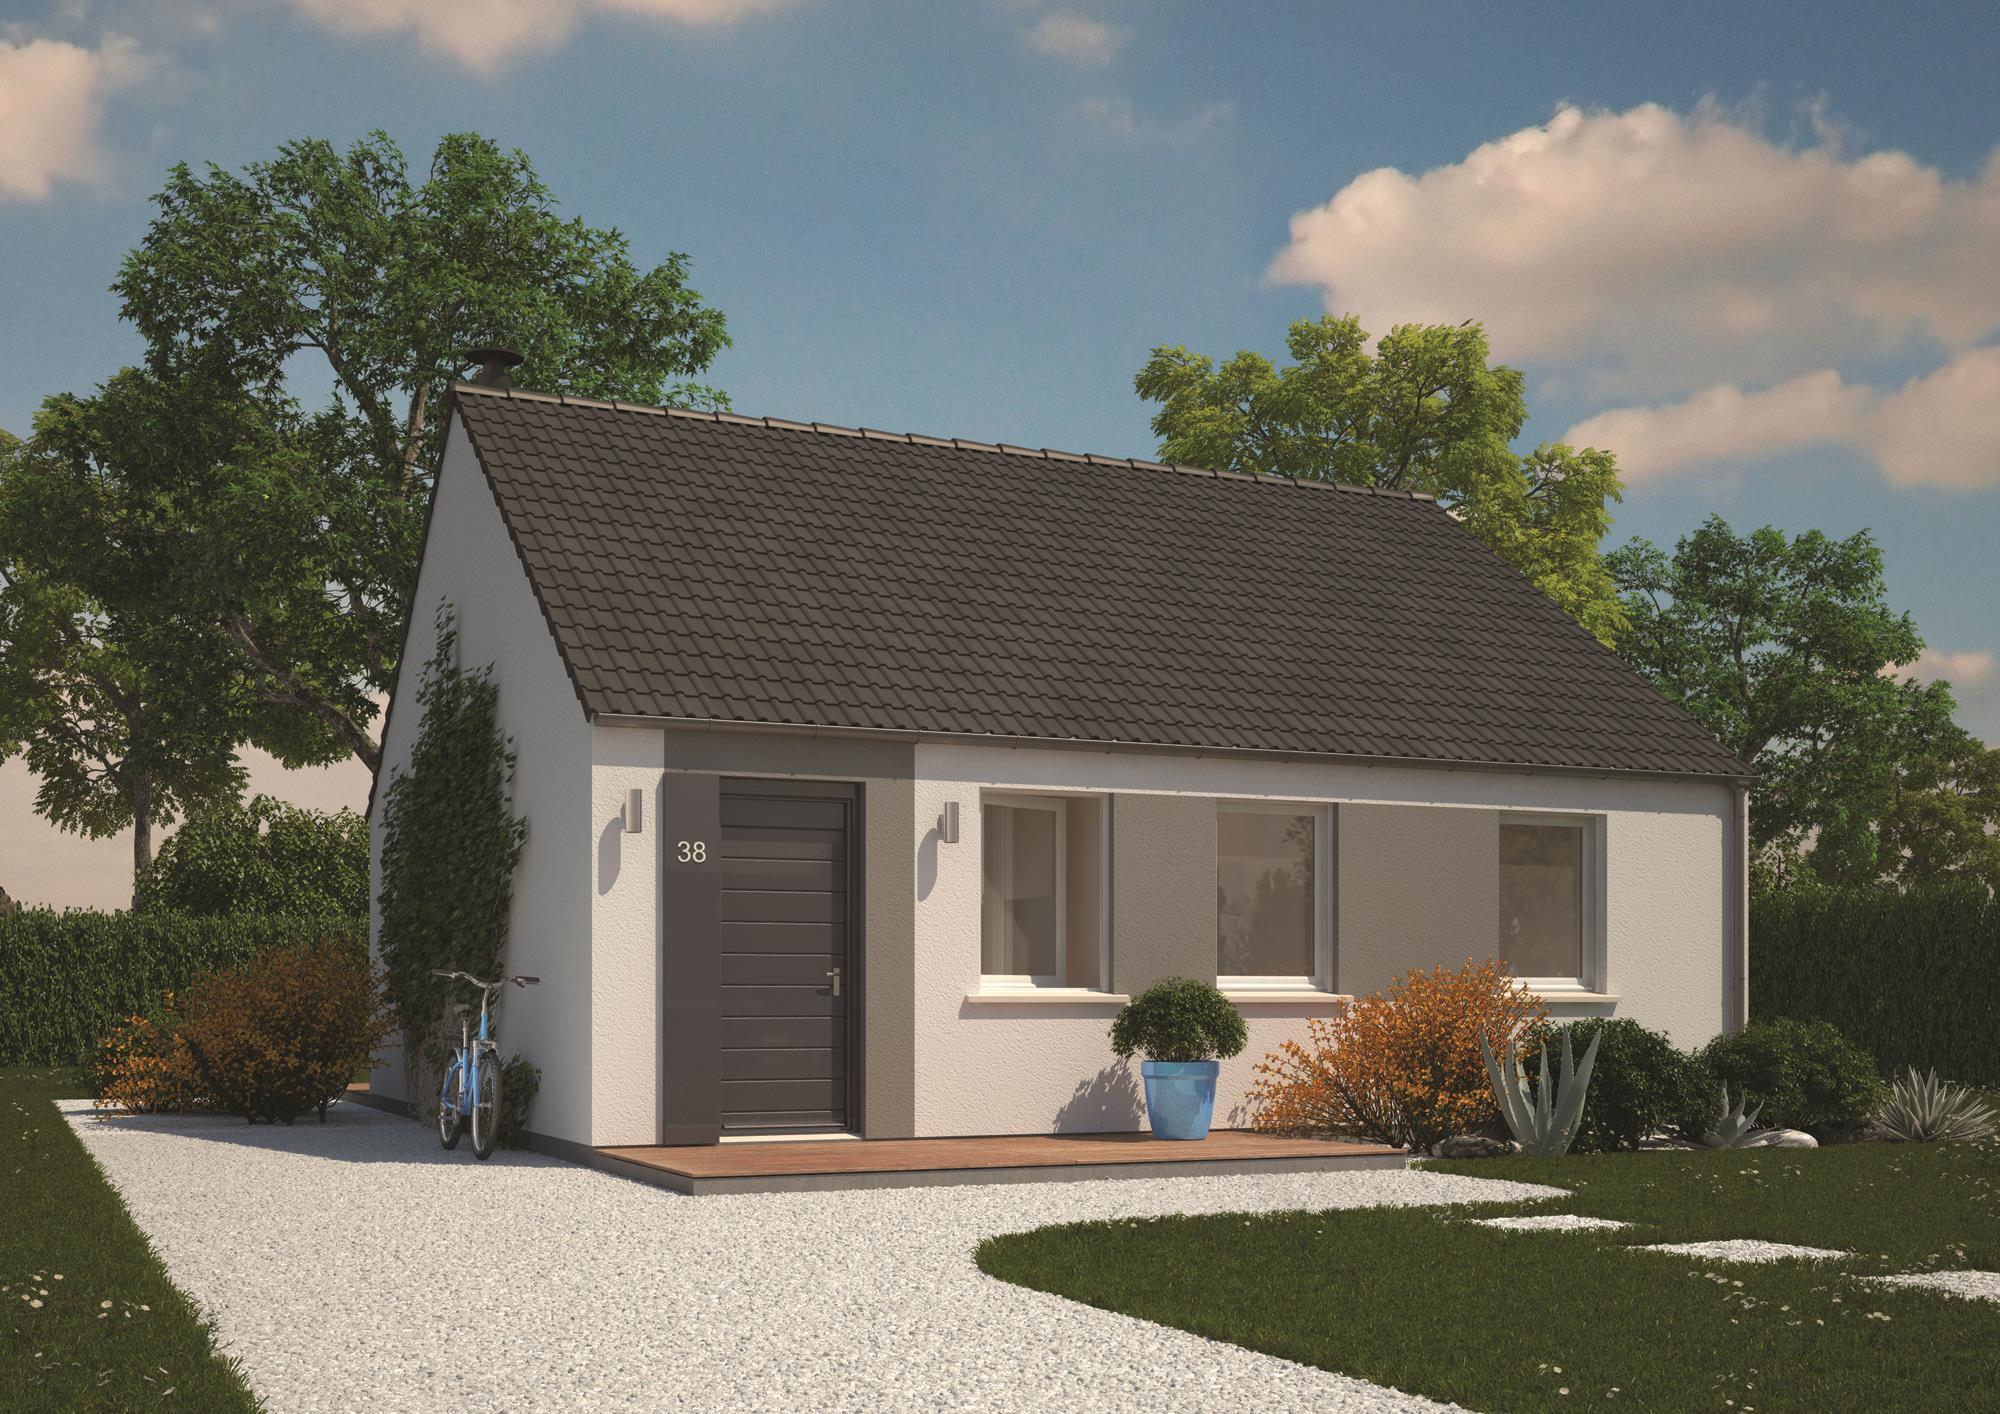 Maisons + Terrains du constructeur MAISONS PHENIX LEZENNES • 70 m² • RACHES